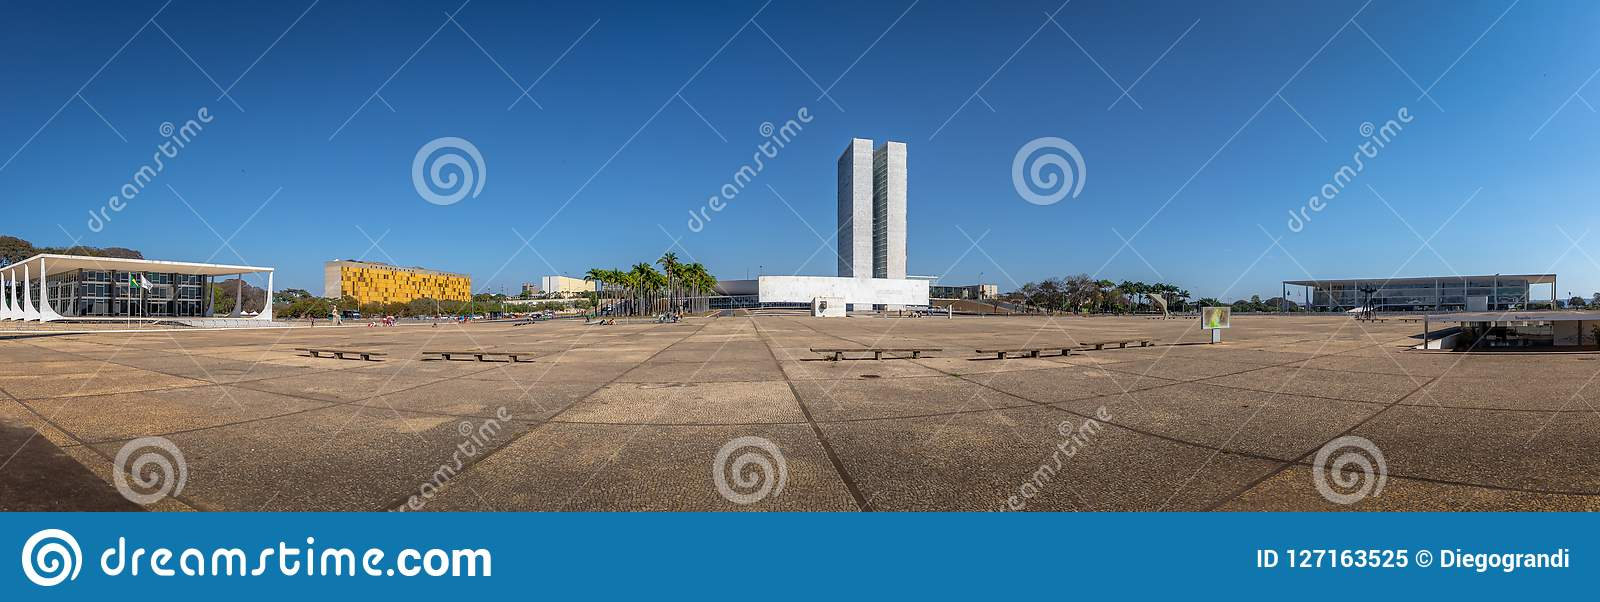 三力量广场-巴西利亚,联邦的Distrito,巴西全景